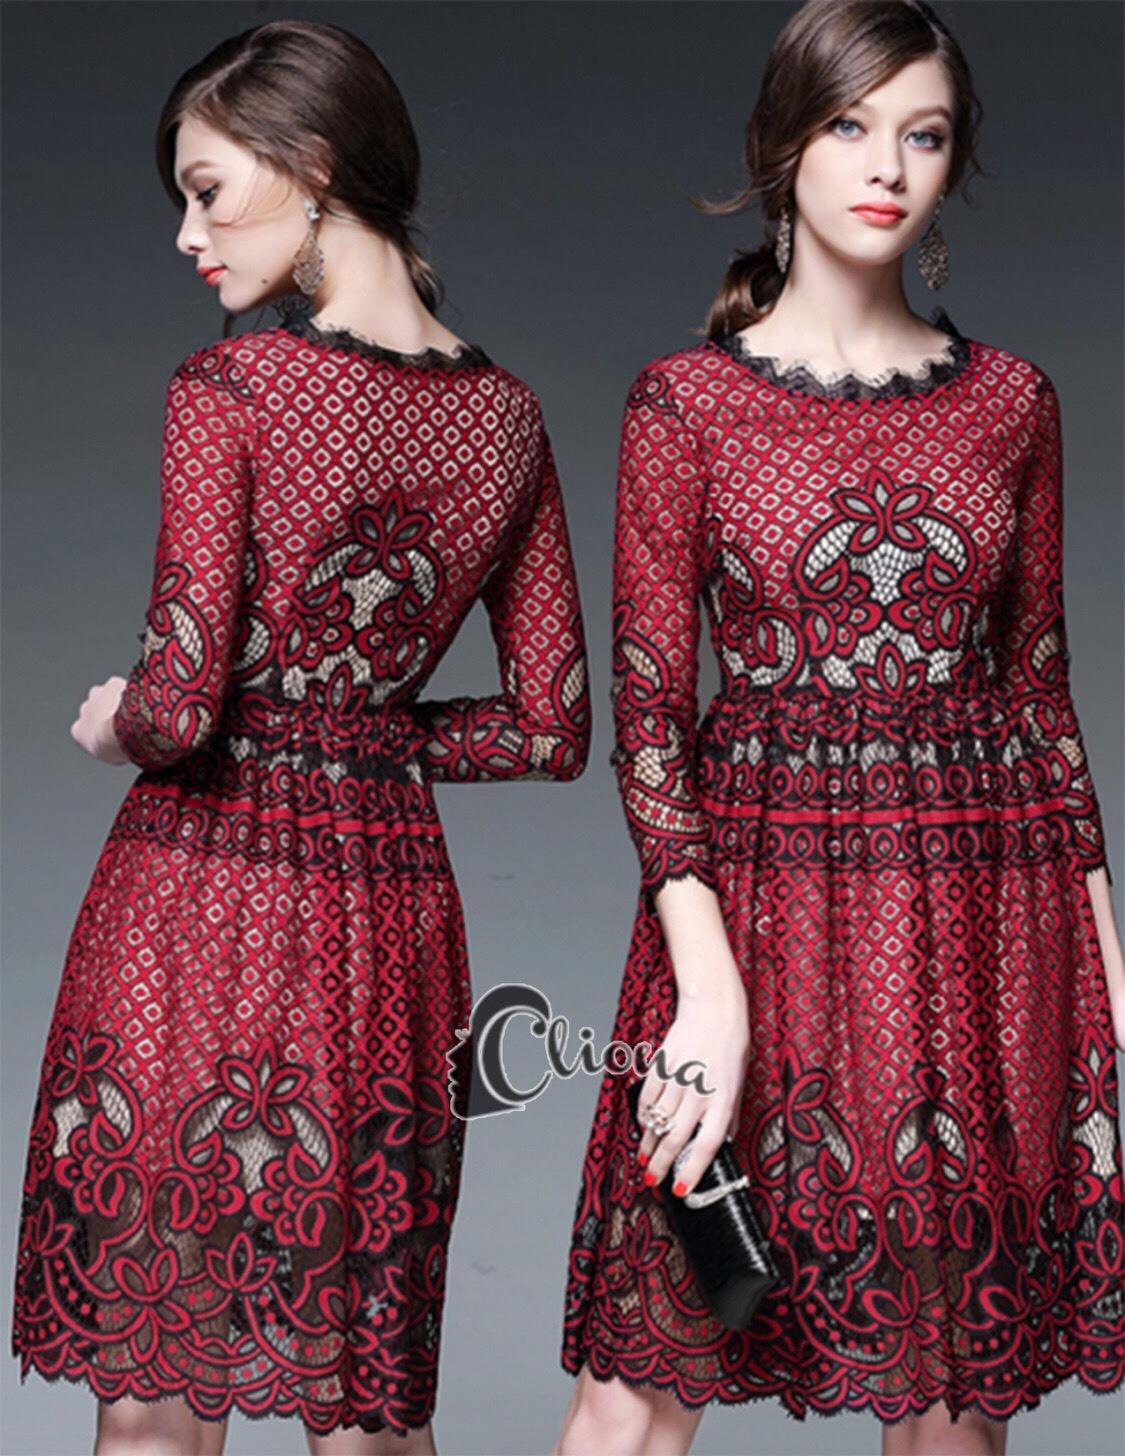 ชุดเดรสเกาหลี พร้อมส่งRed Wine Lace Luxury Dress